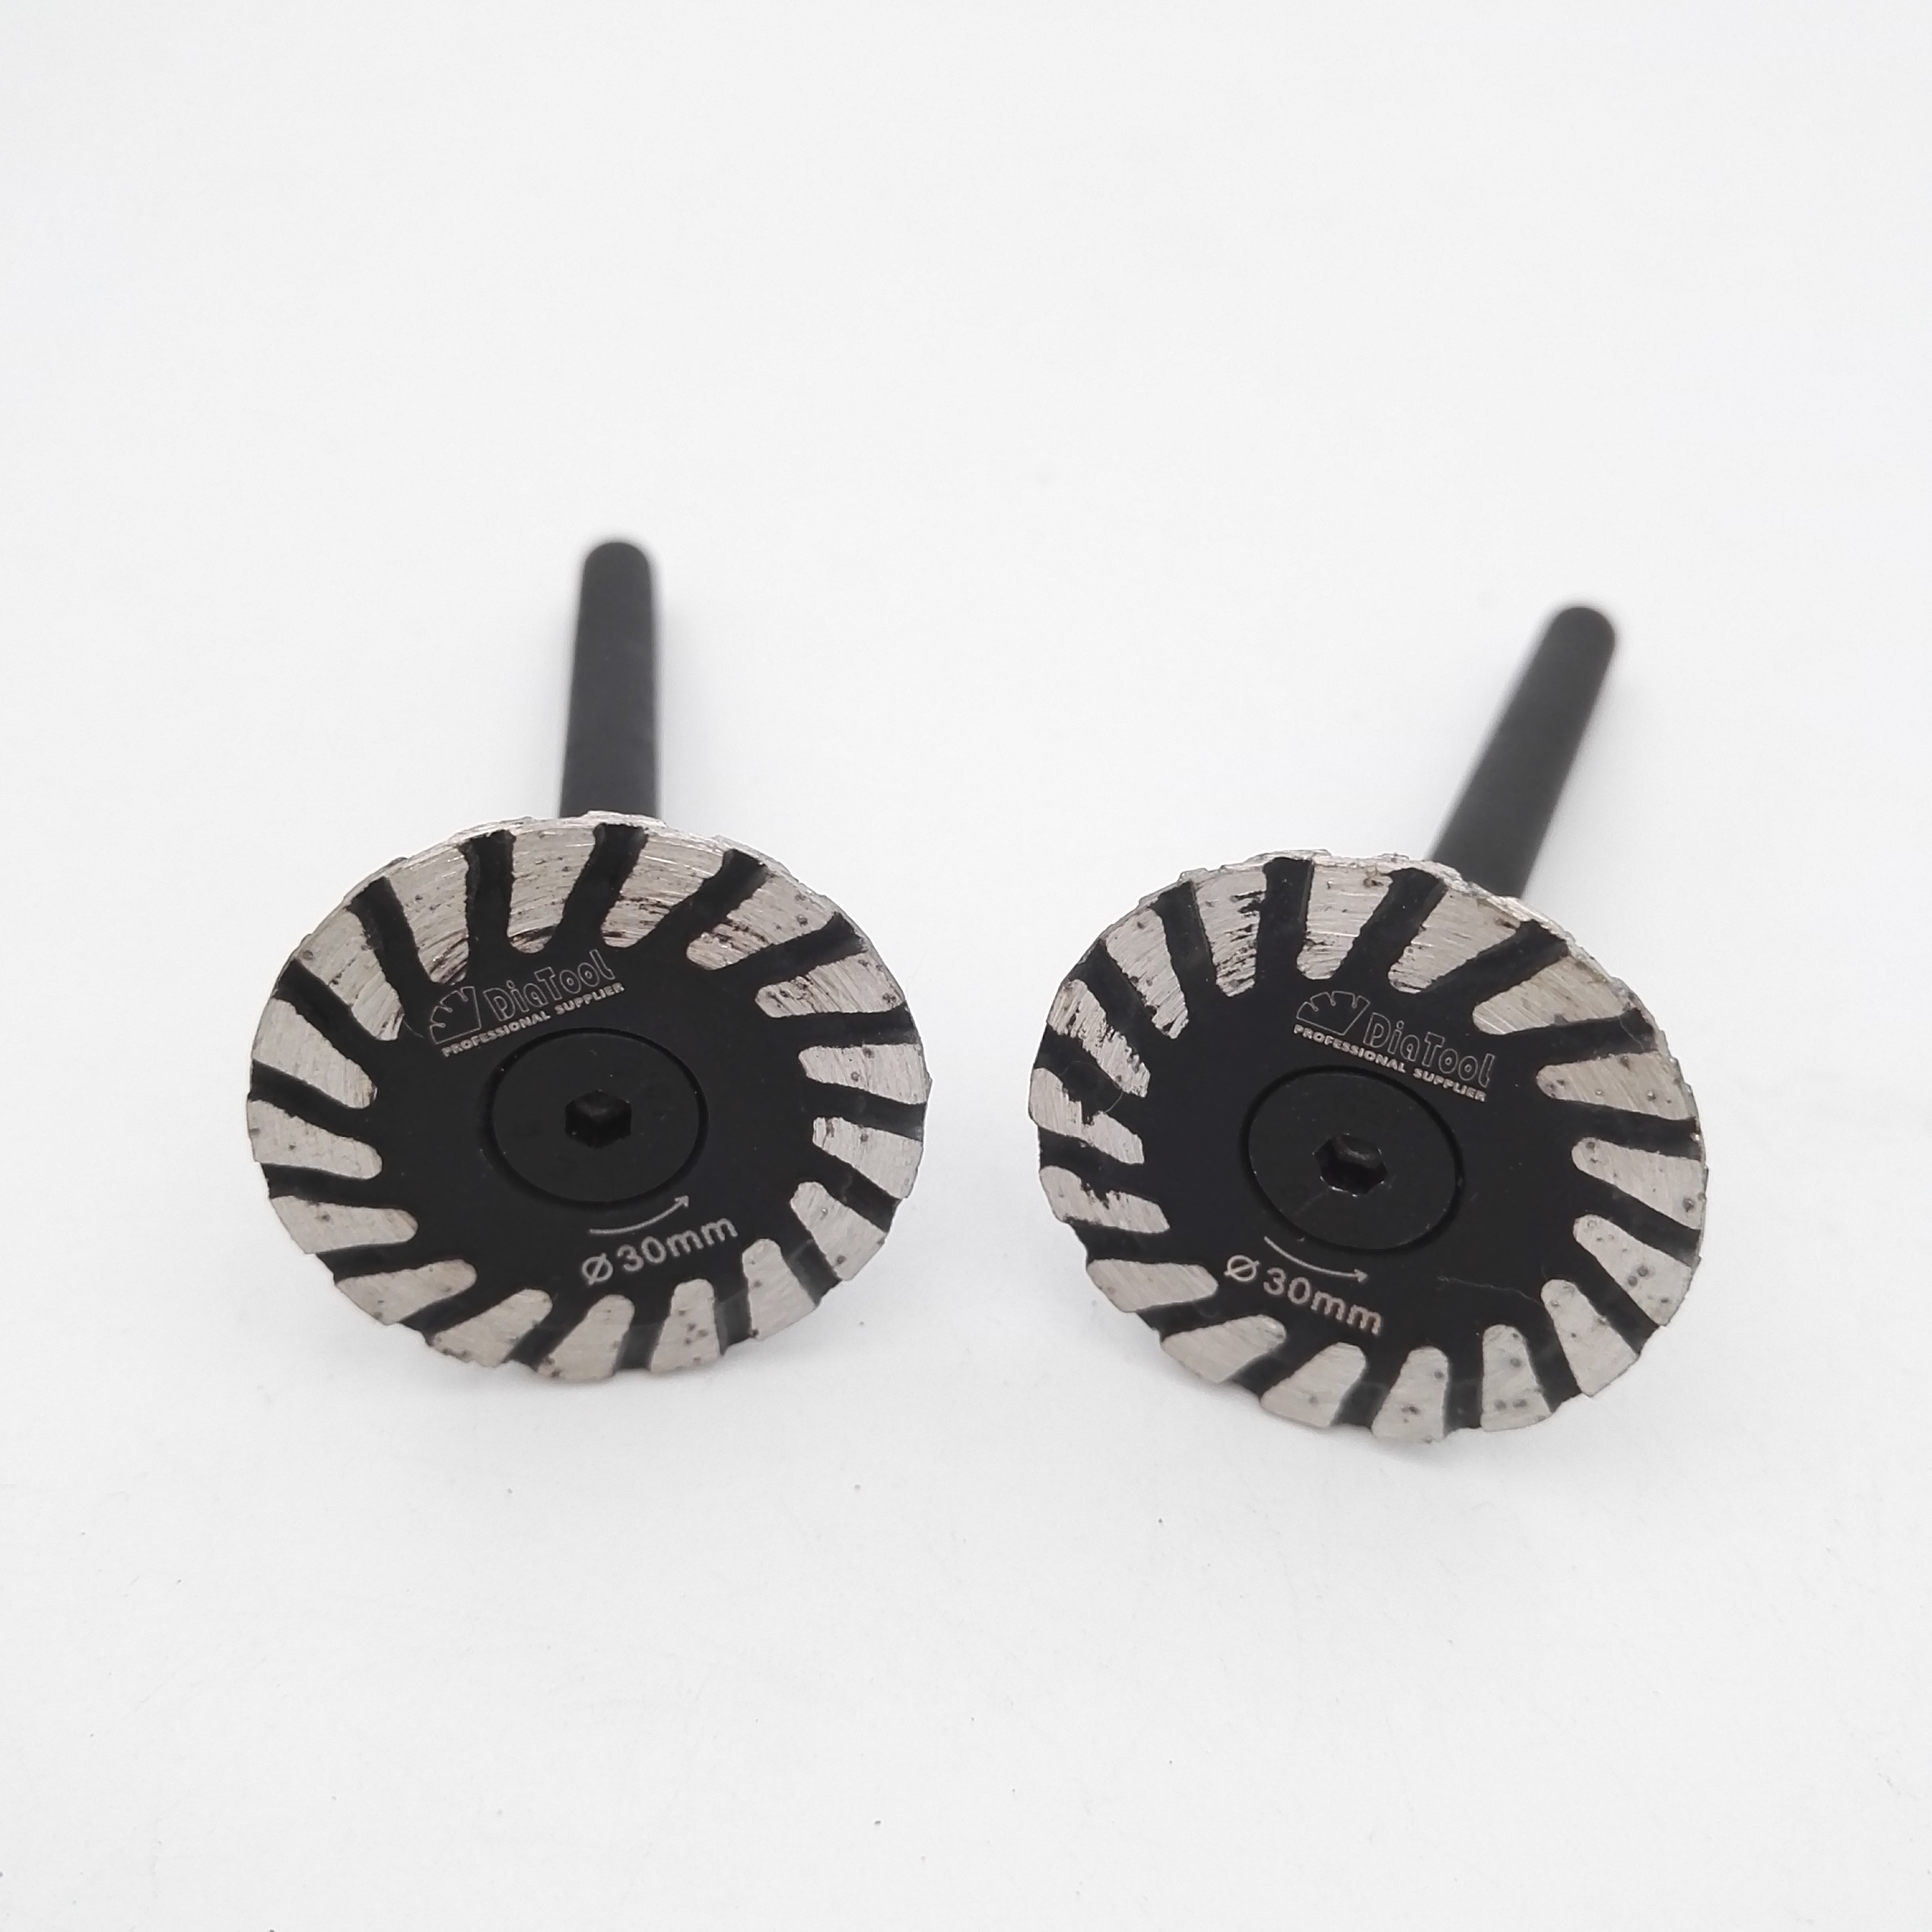 2 Dorn Schneidscheibe Kit 10pcs 30mm 8 L/öcher Rotary Mini Diamond Kreiss/ägebl/ätter Schneiden Rad Scheiben